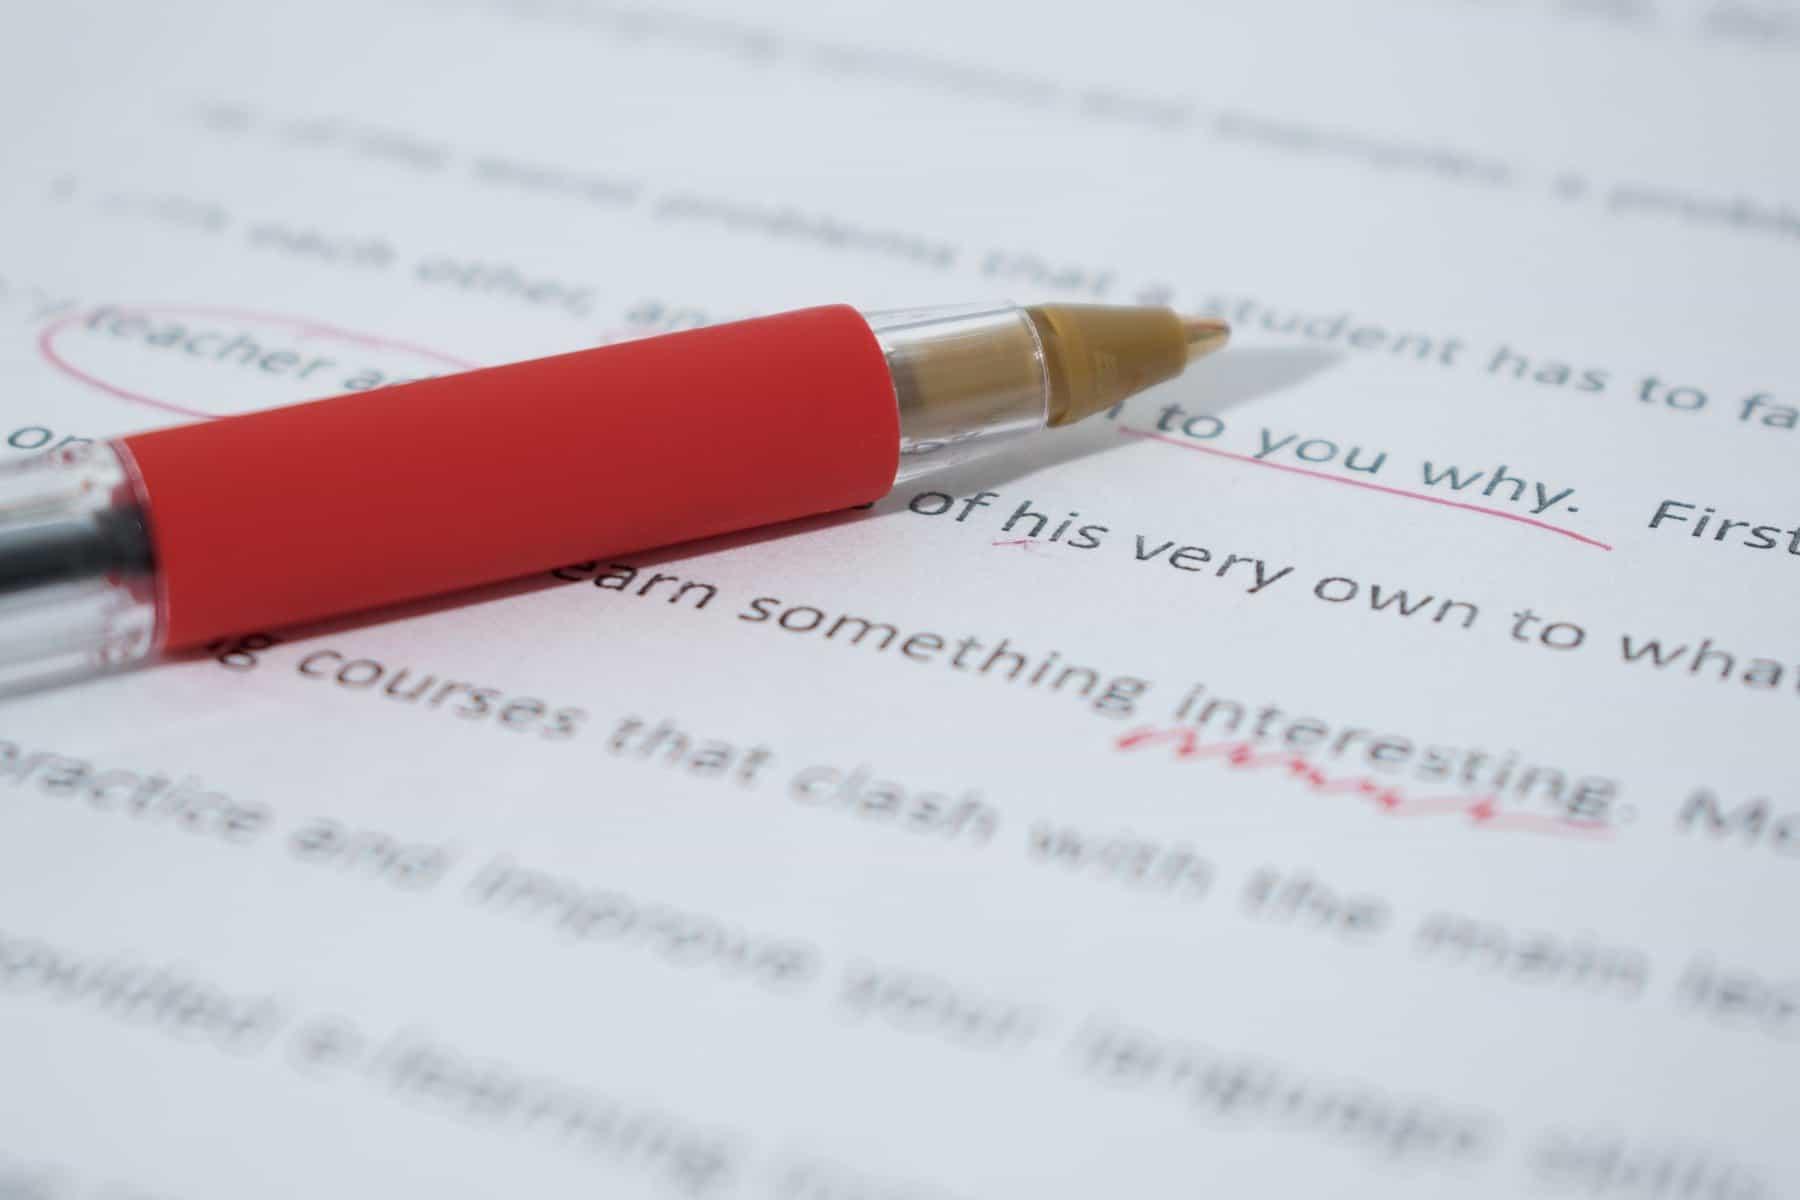 online proofreaders